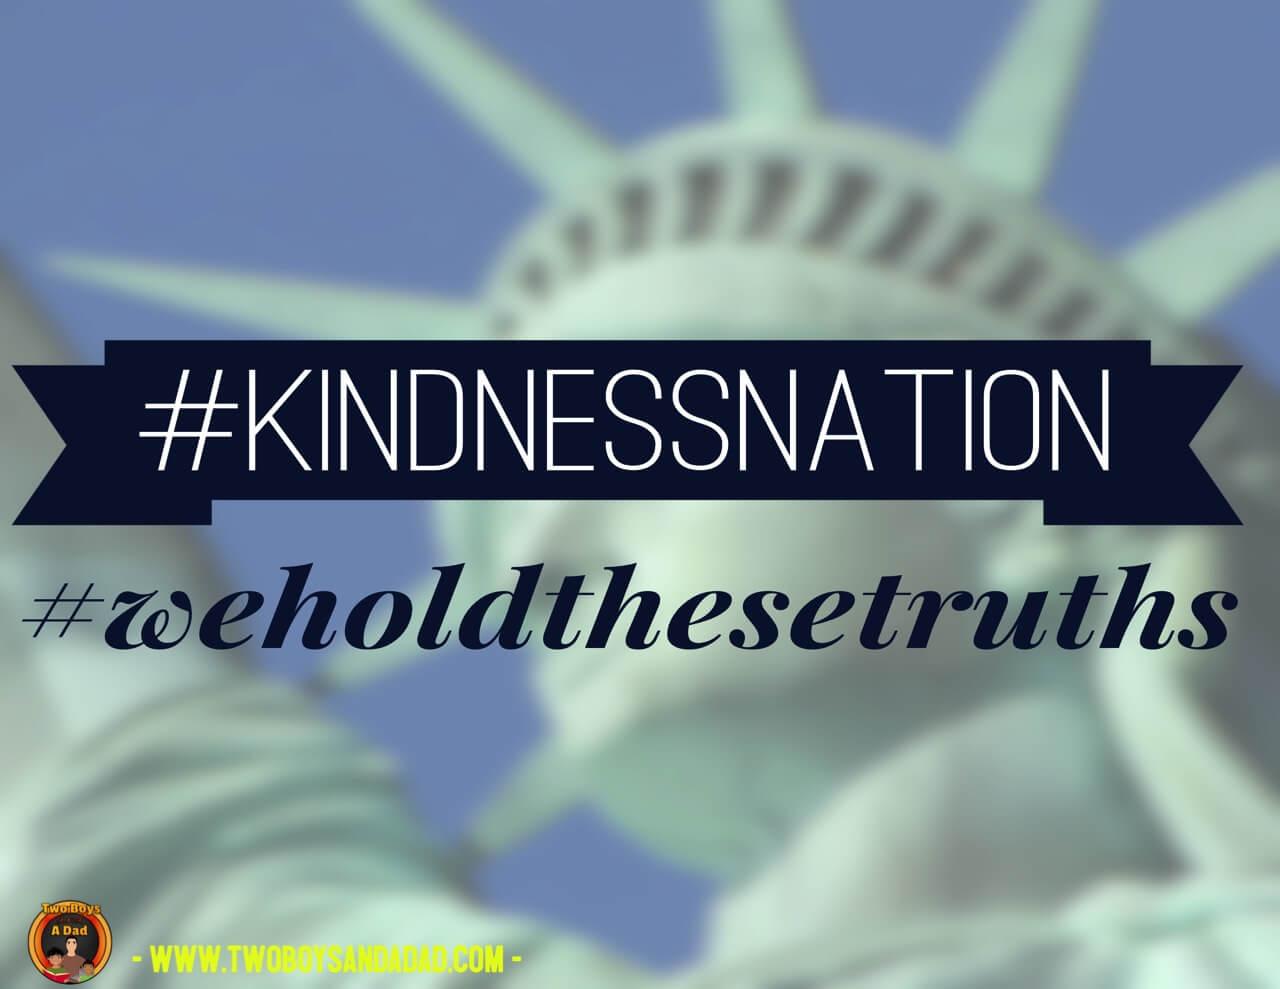 #kindnessnation #weholdthesetruths